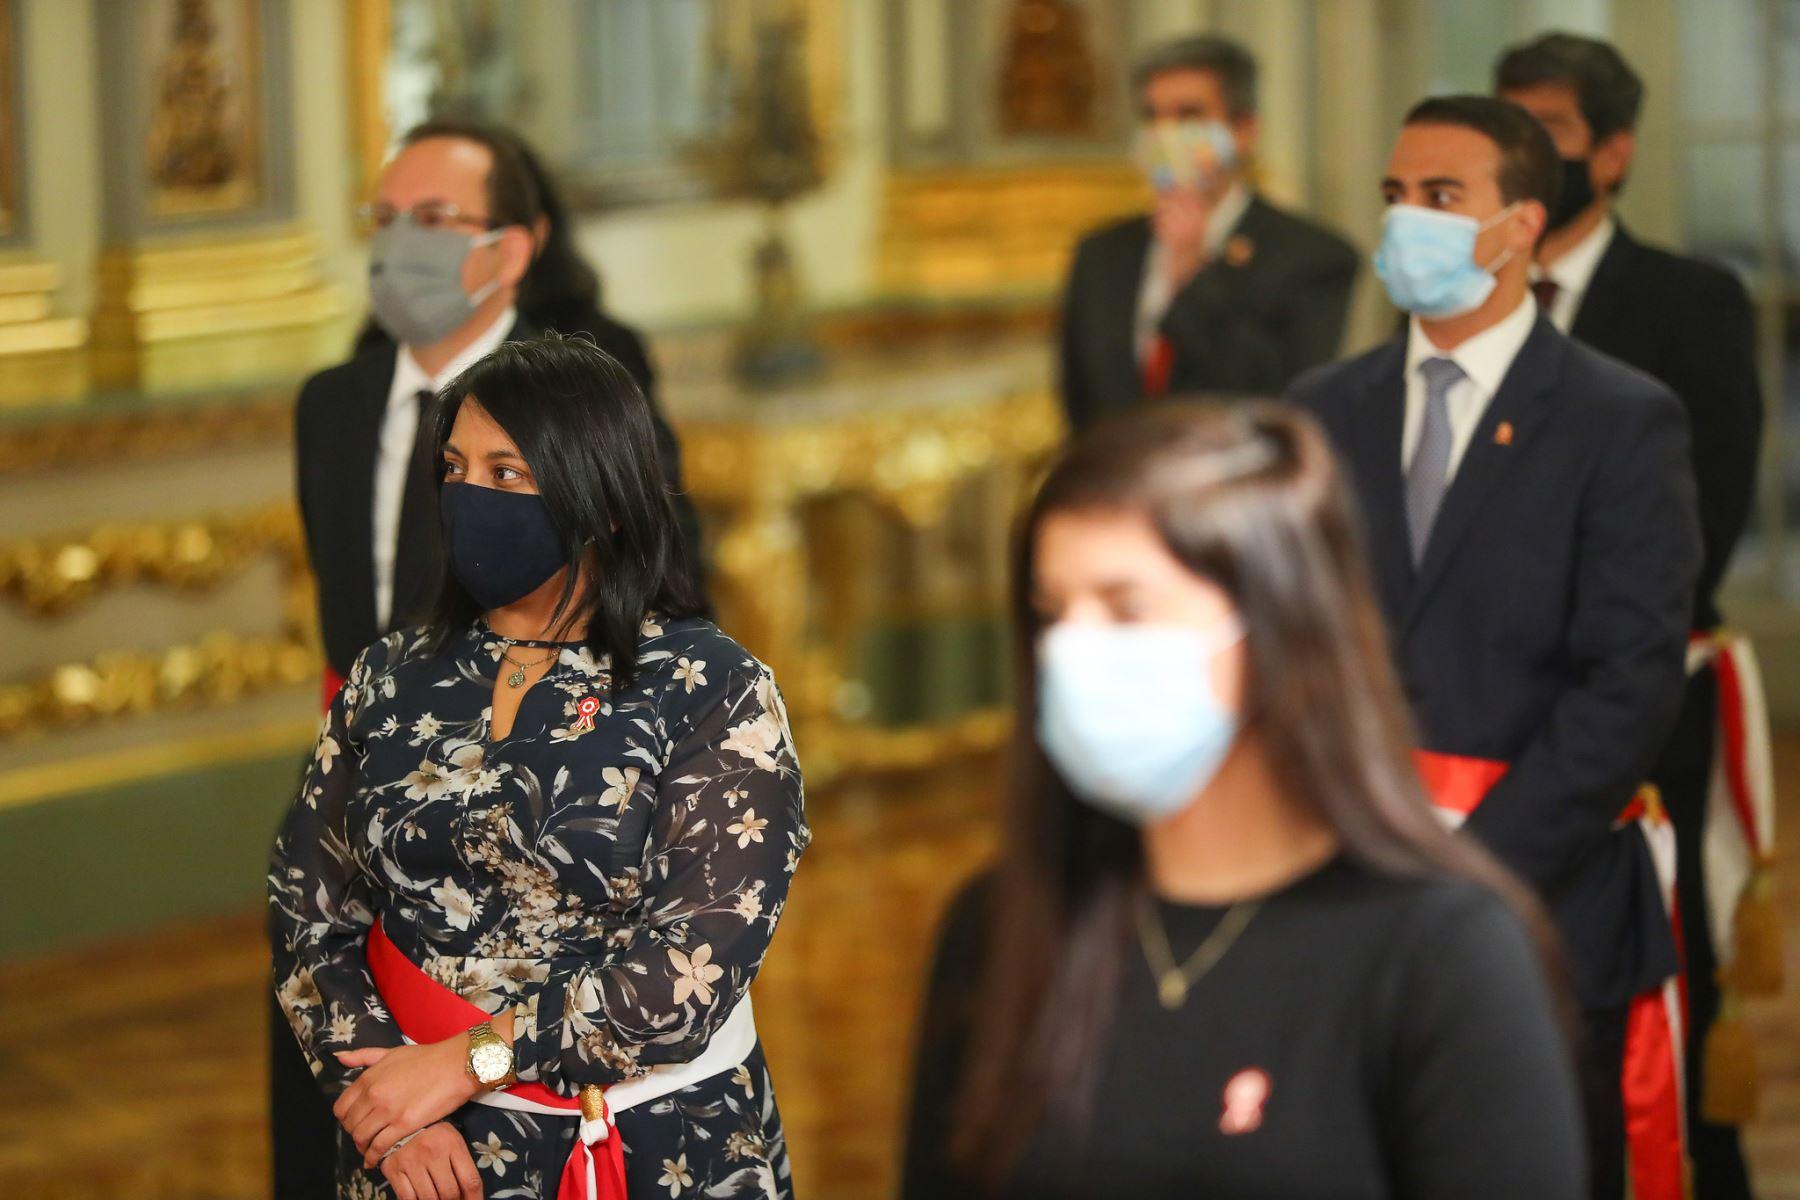 Ana Neyra, ministra de Justicia y Derechos Humanos participa de ceremonia de juramentación en Palacio de Gobierno. Foto: ANDINA/Presidencia